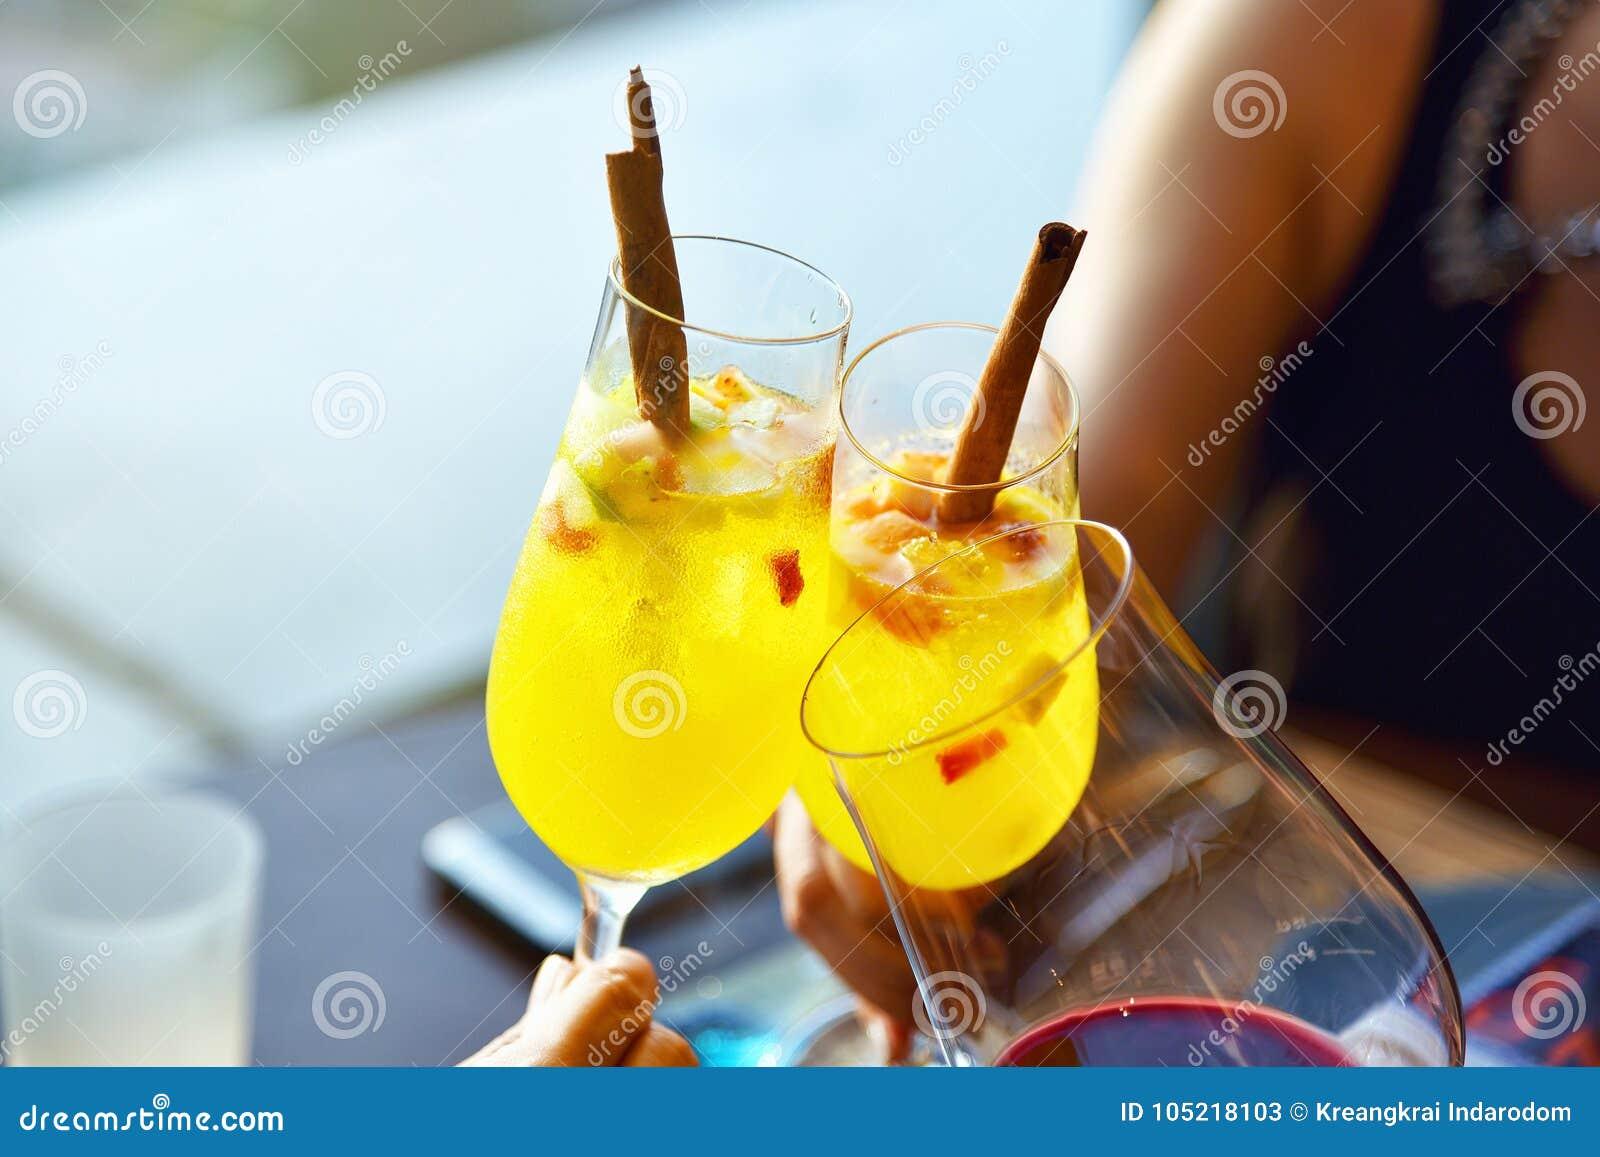 在餐馆集会敬酒,关闭培养鸡尾酒杯的三只手